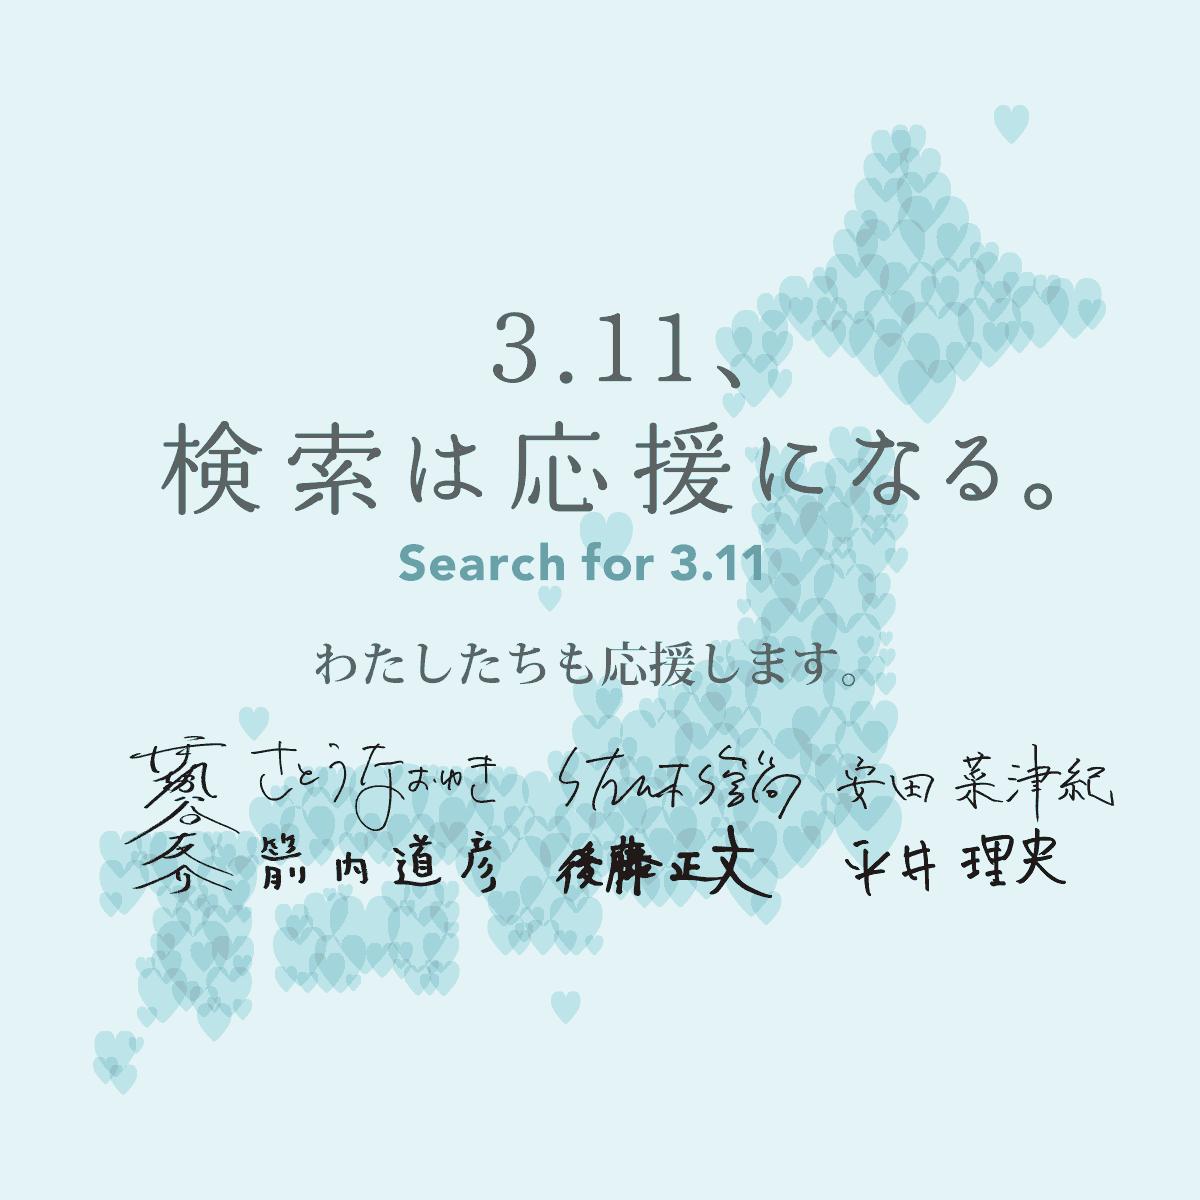 3.11、検索は応援になる。 - Yahoo!検索